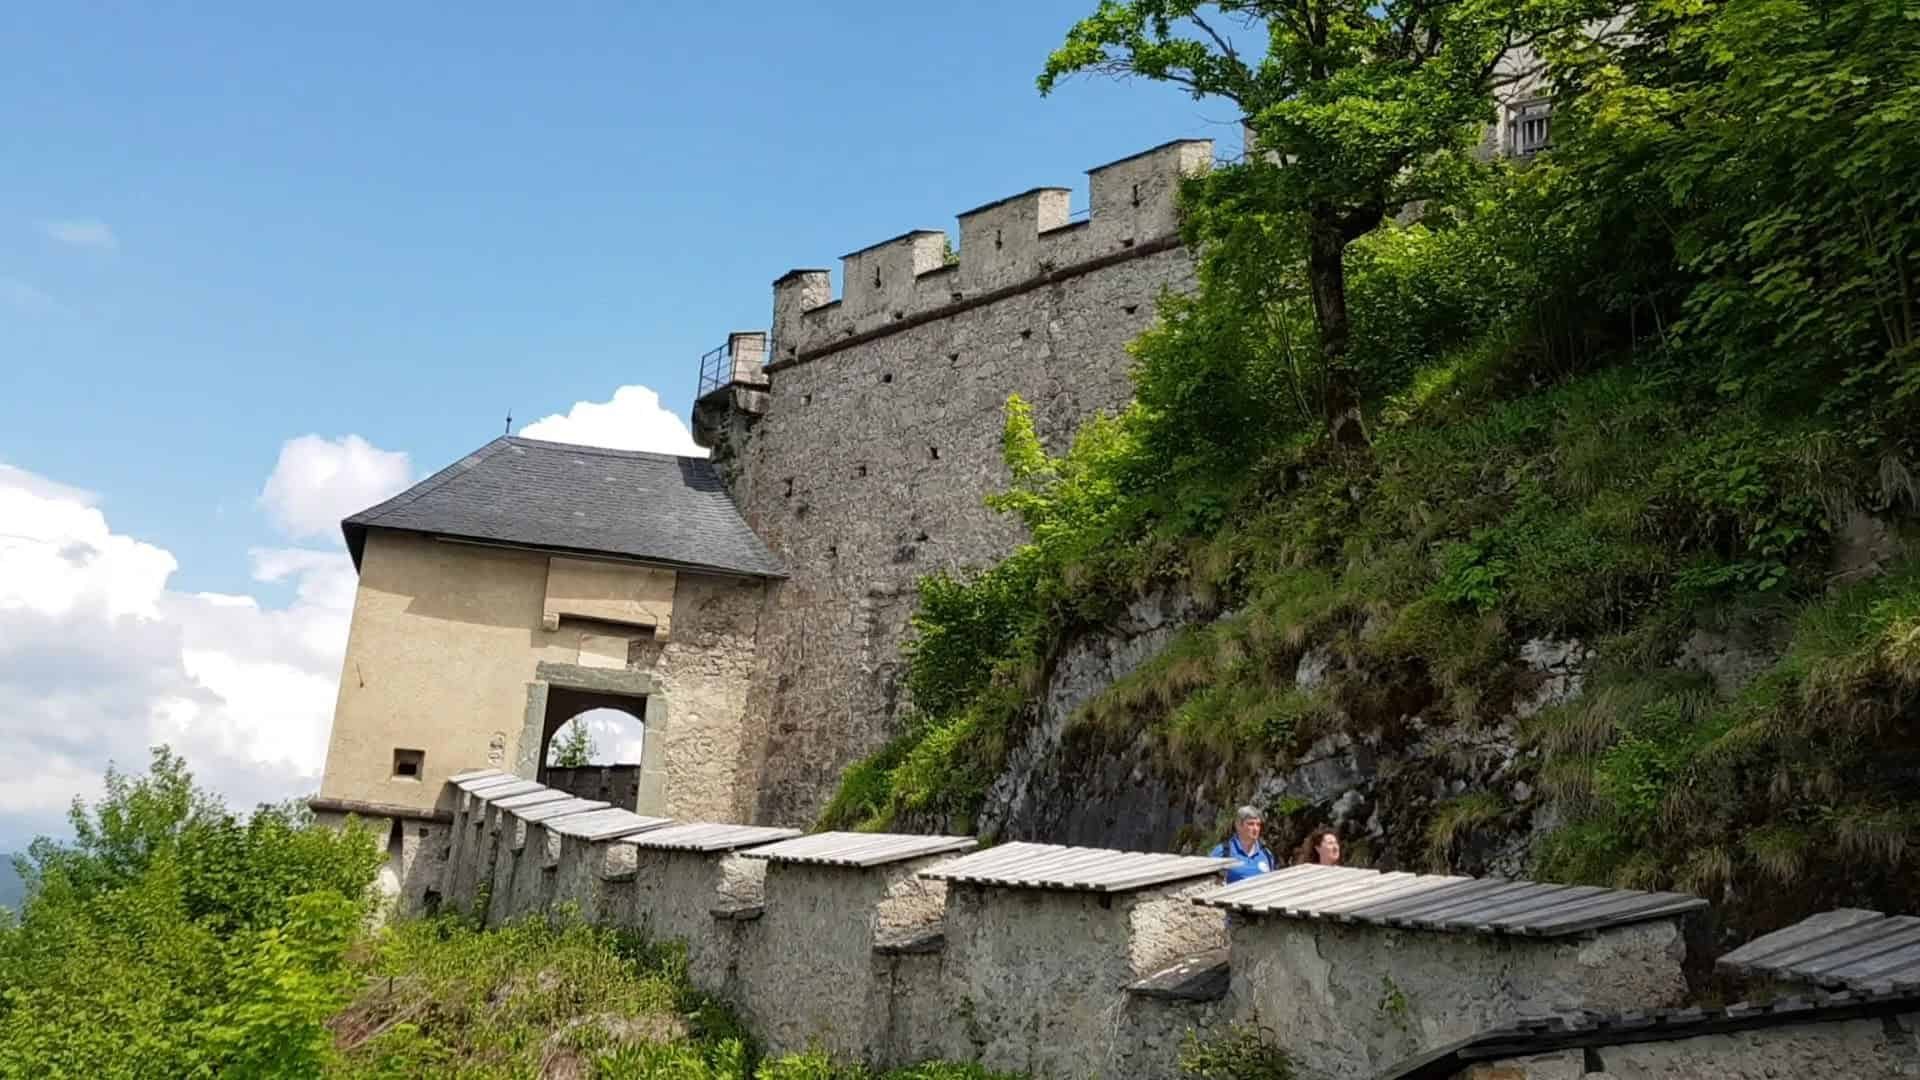 Mittelalterliches Mauertor auf der Burg Hochosterwitz - familienfreundliches Ausflugsziel in Kärnten